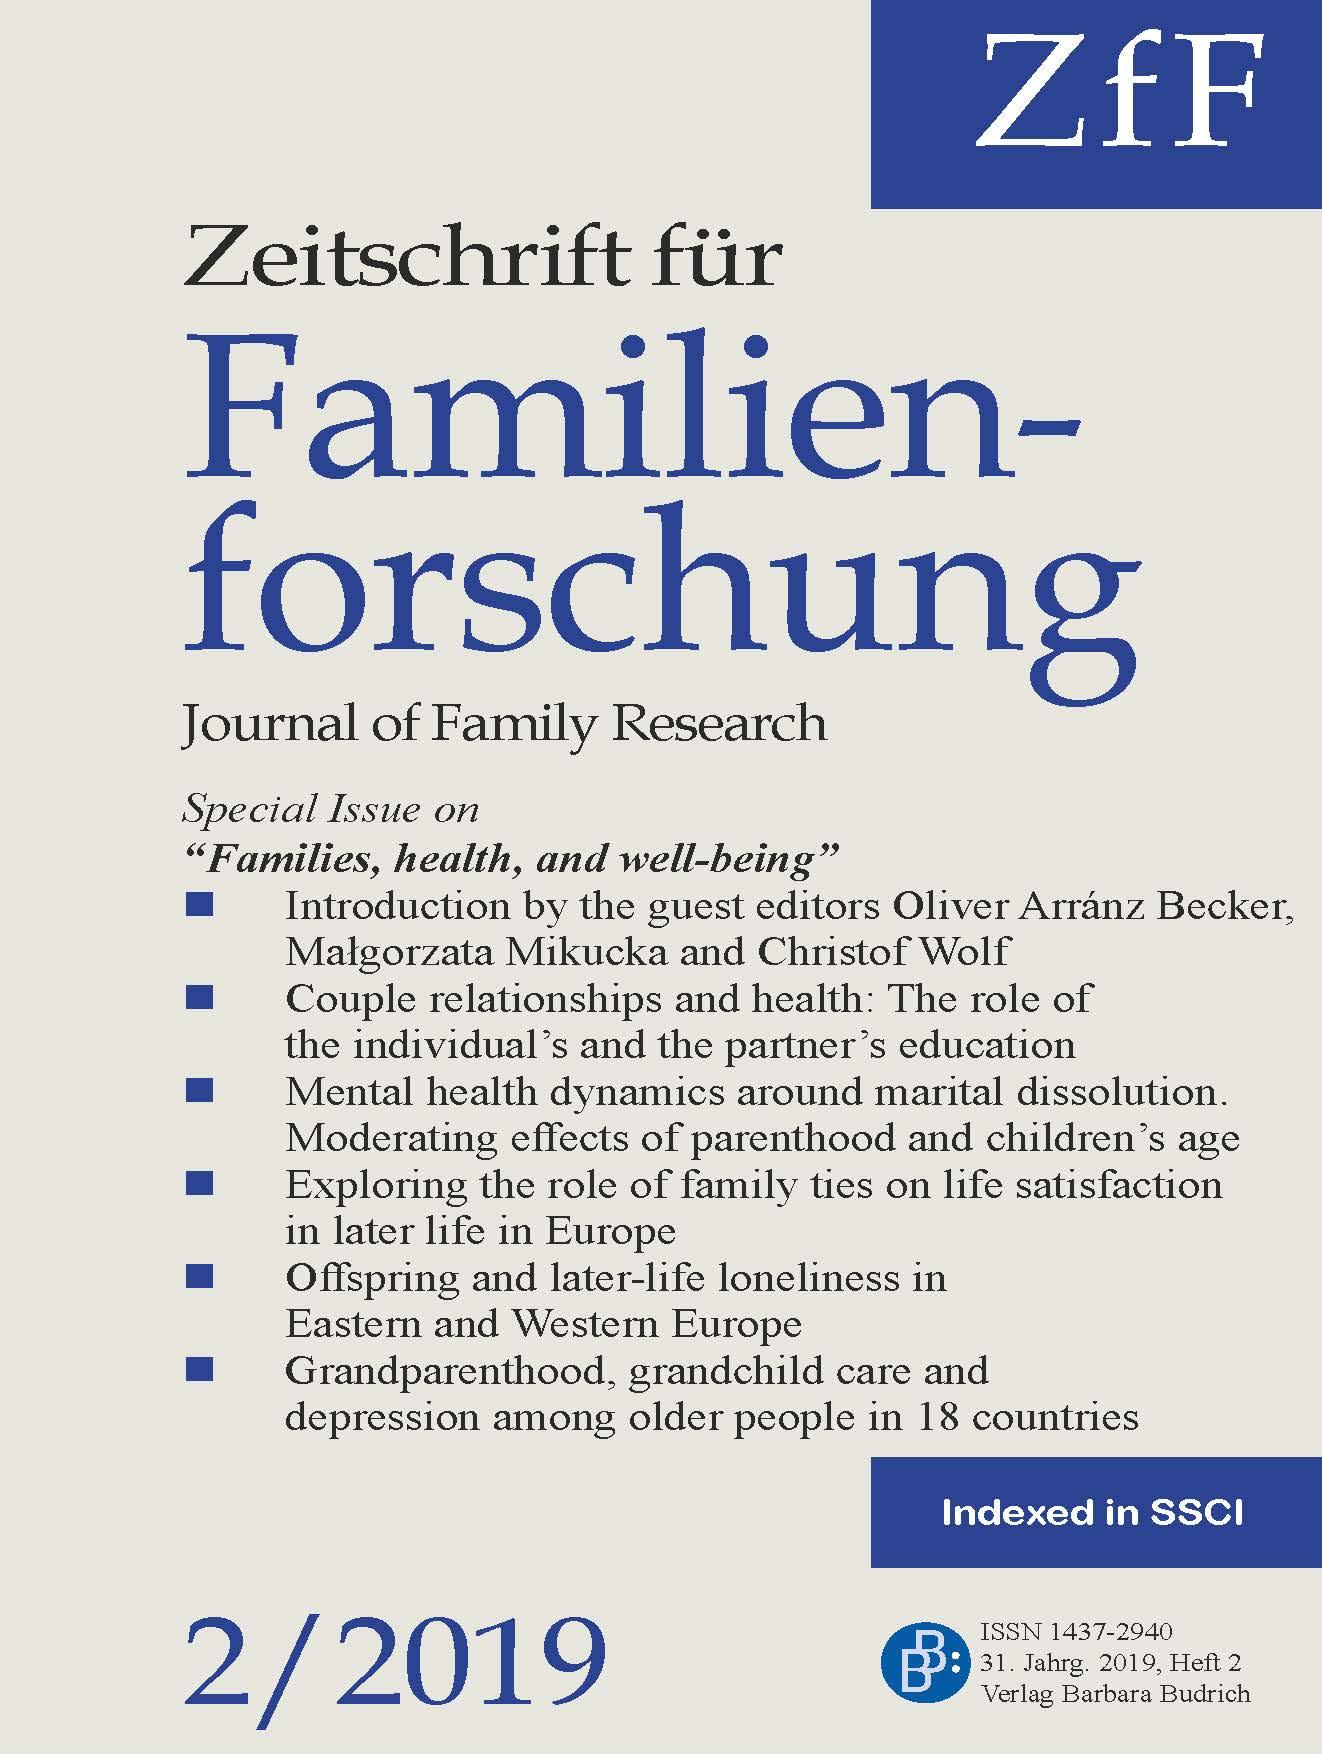 ZfF – Zeitschrift für Familienforschung / Journal of Family Research